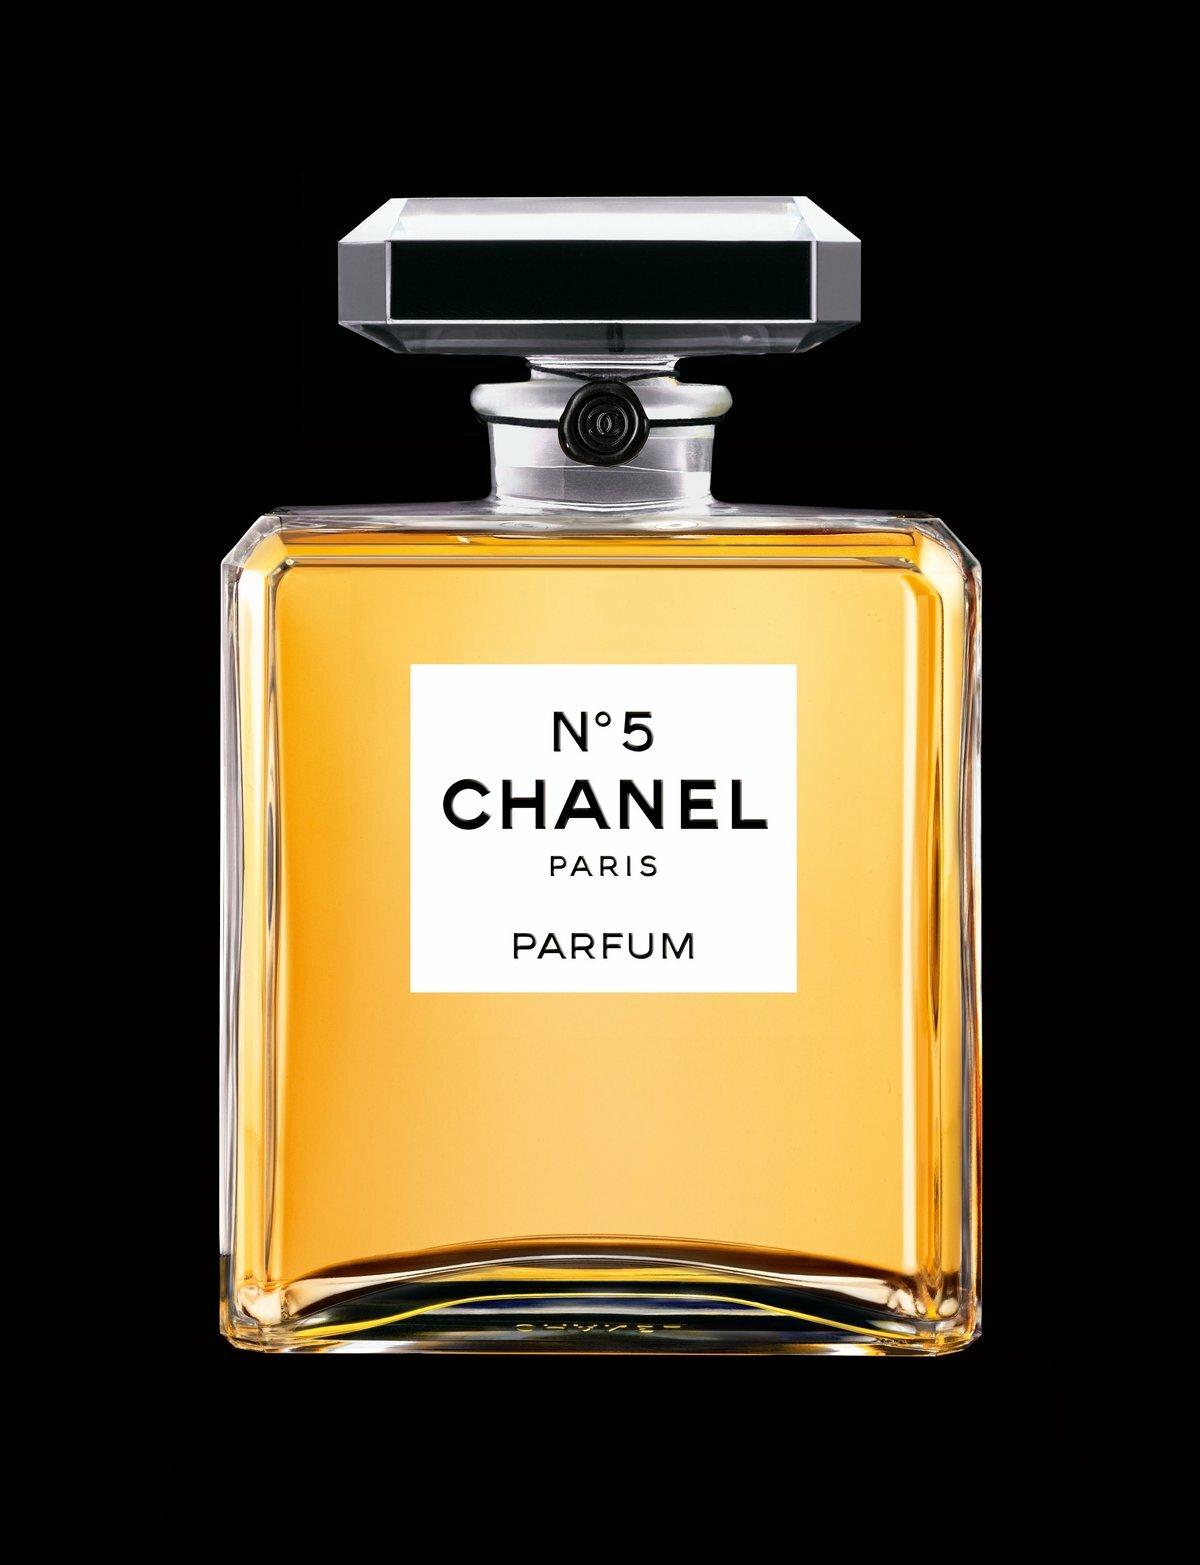 Набор парфюма Chanel из 5 ароматов в Пензе. Набор парфюма из 5 ароматов -  Сайт 97f0c6b7c4621